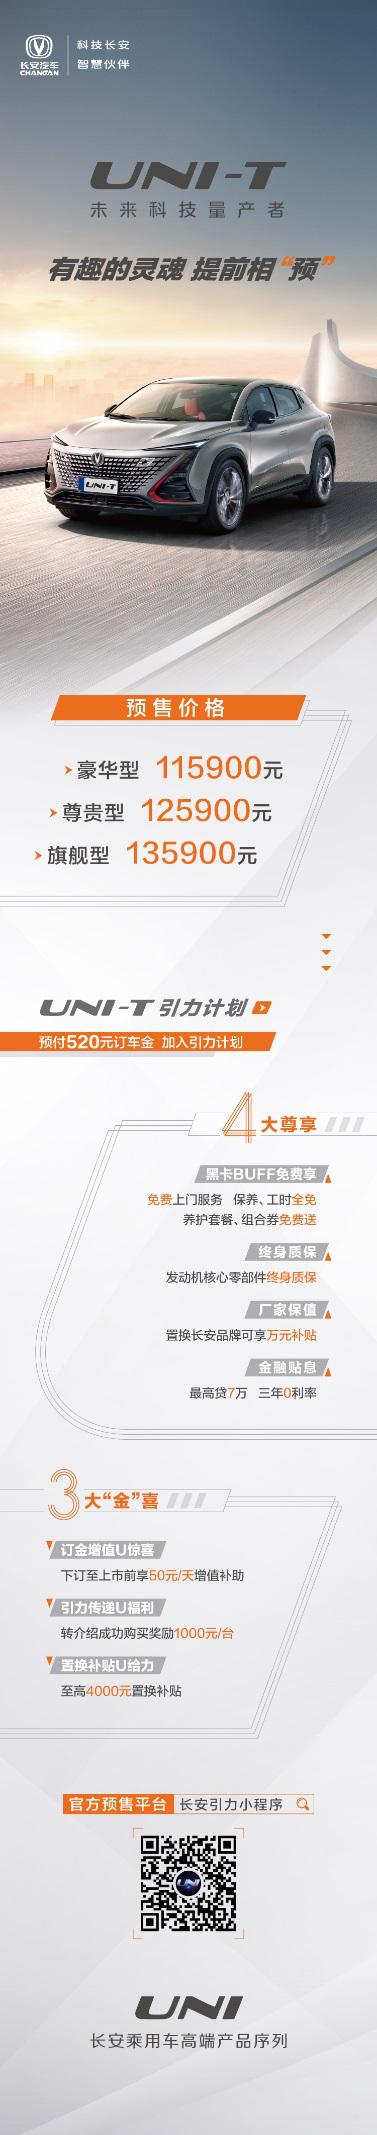 11.59万元起 长安UNI-T开启全球预售